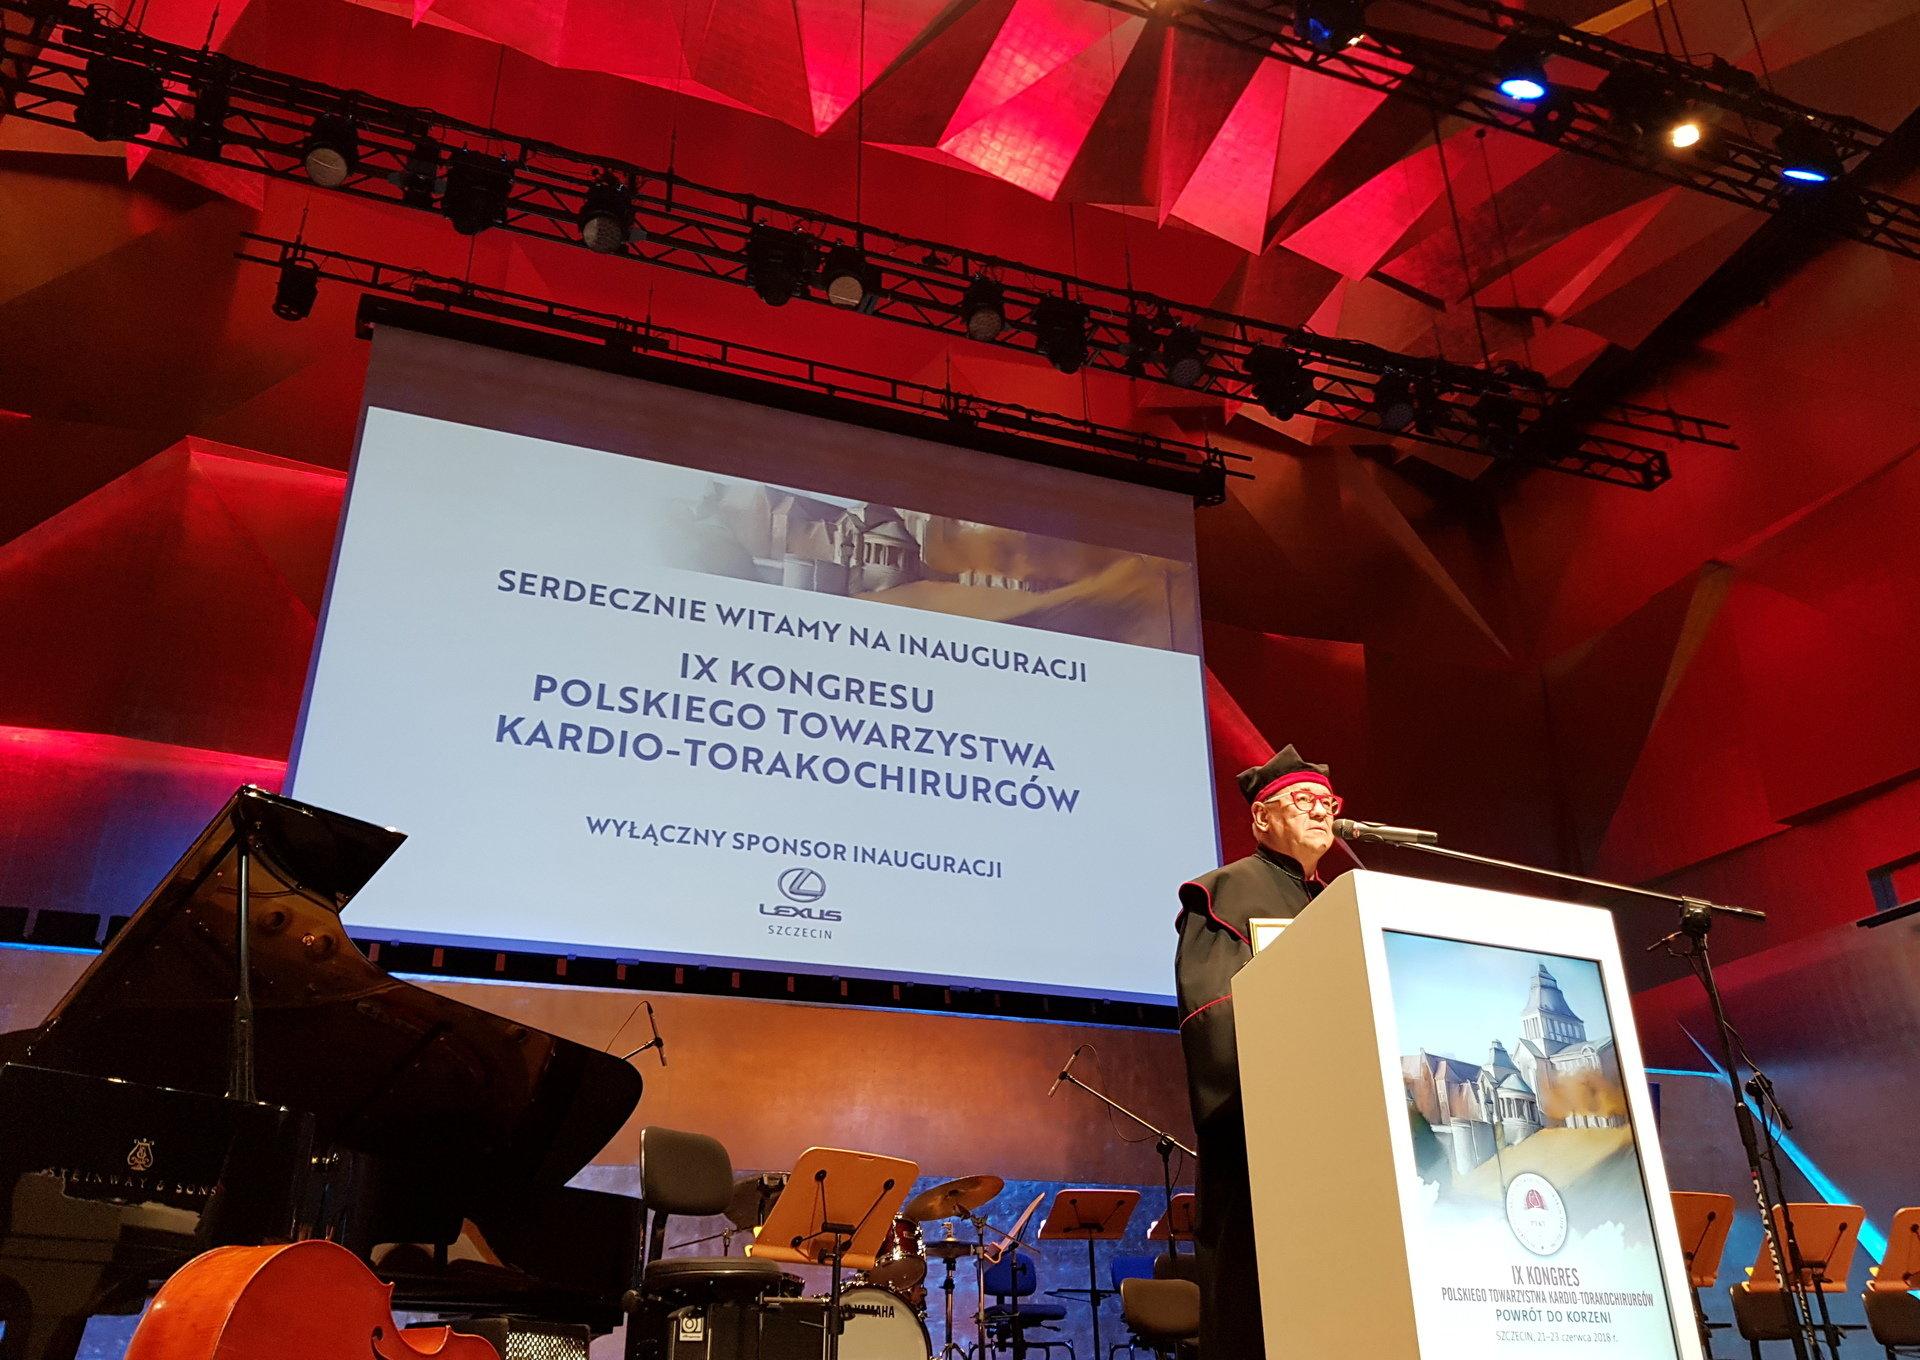 Nagroda dla Jurka Owsiaka od Polskiego Towarzystwa Kardio-Torakochirurgów